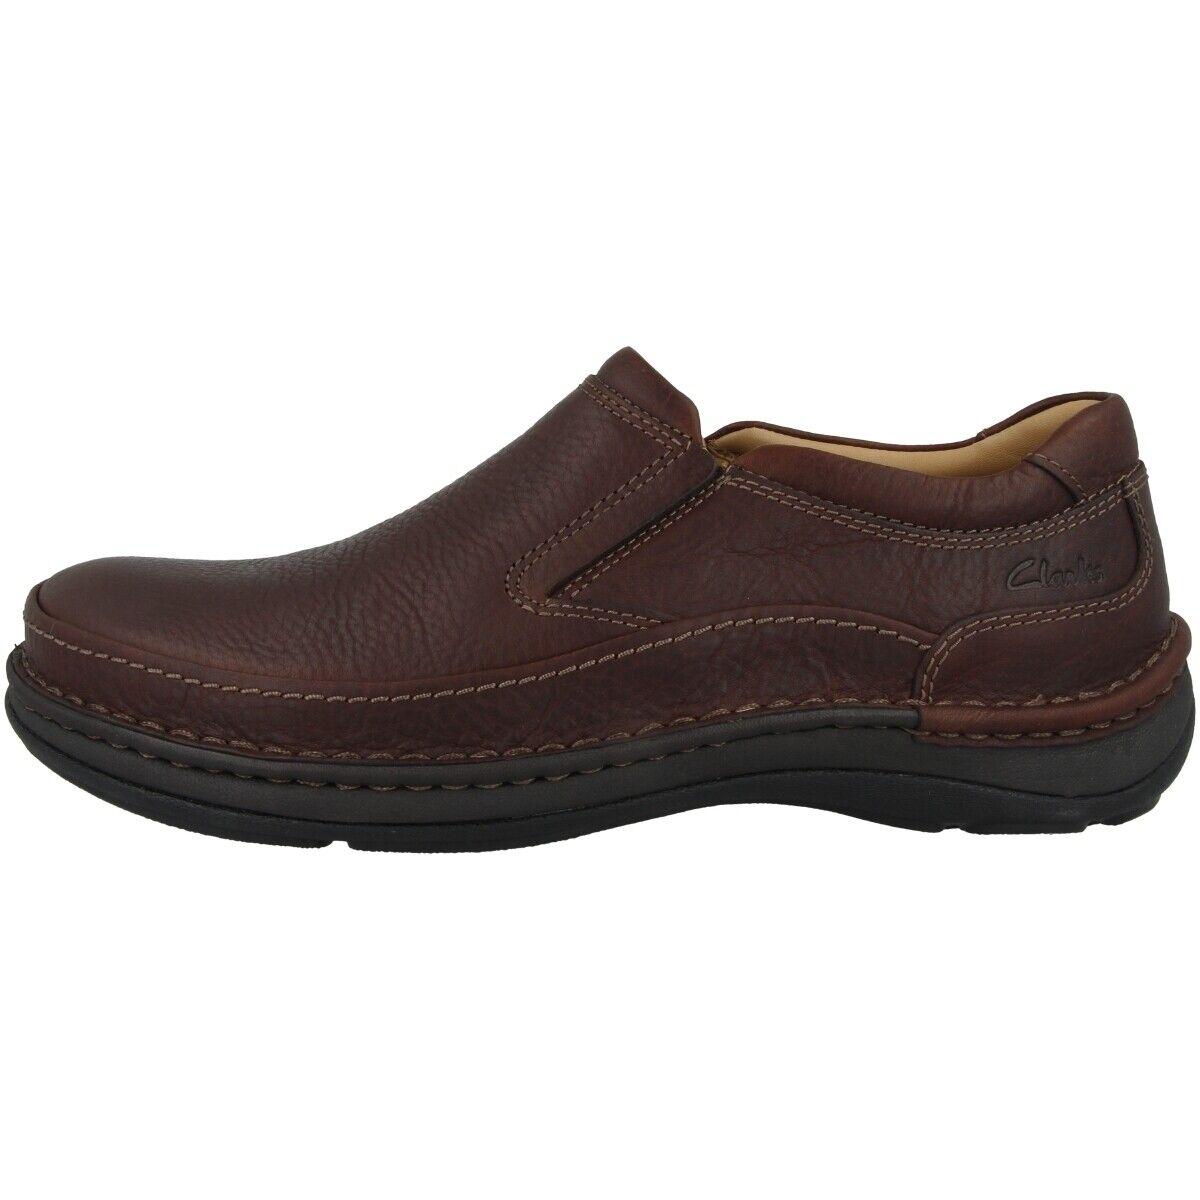 Clarks Nature Easy Herren Slipper verschiedene Farben Loafer Mokkasin